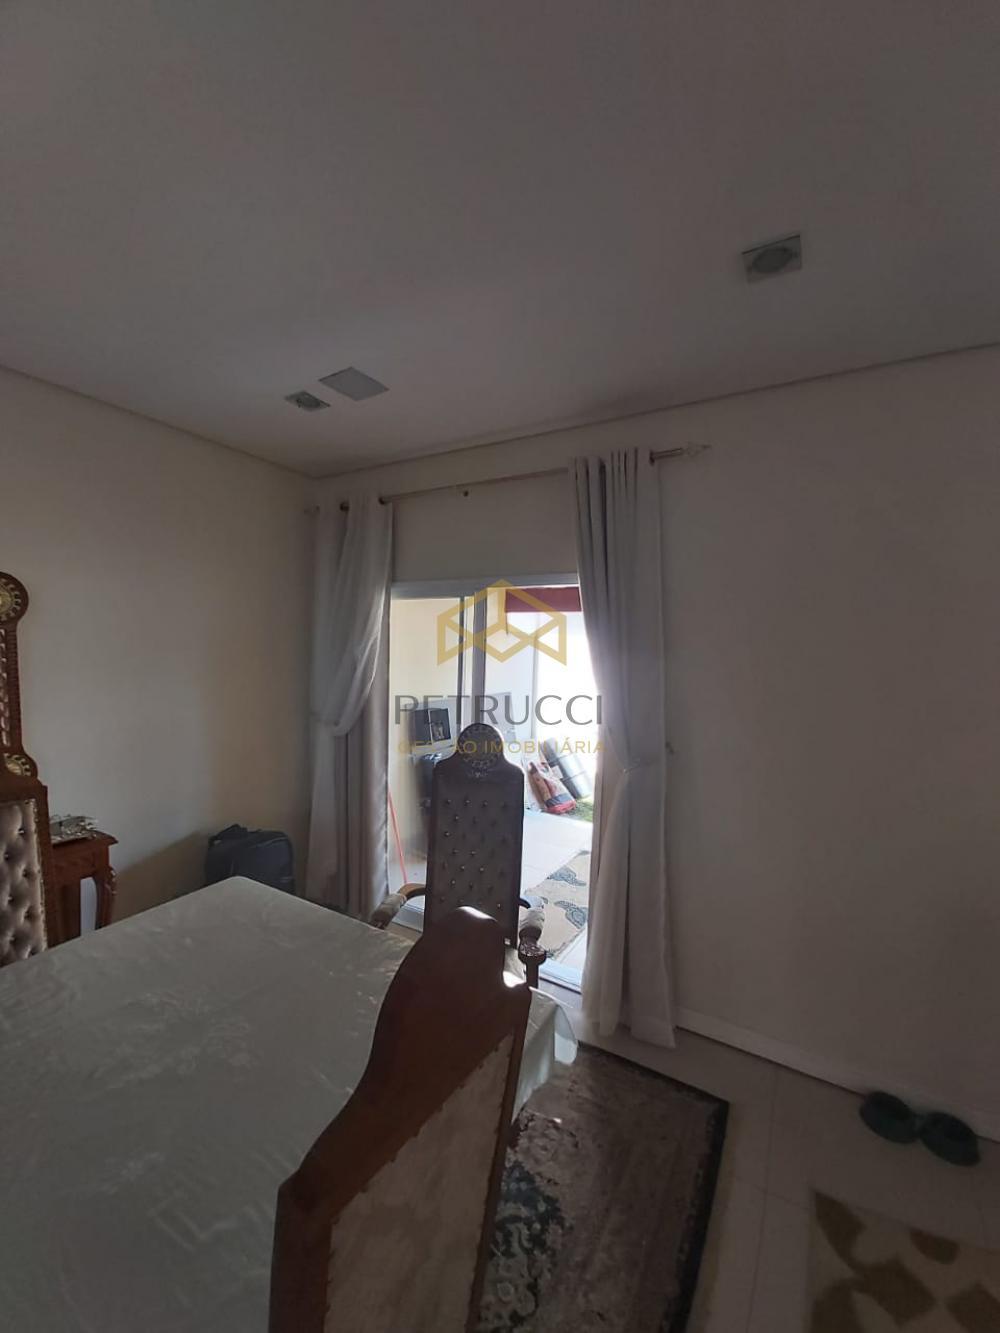 Comprar Casa / Sobrado em Condomínio em Sumaré R$ 695.000,00 - Foto 20